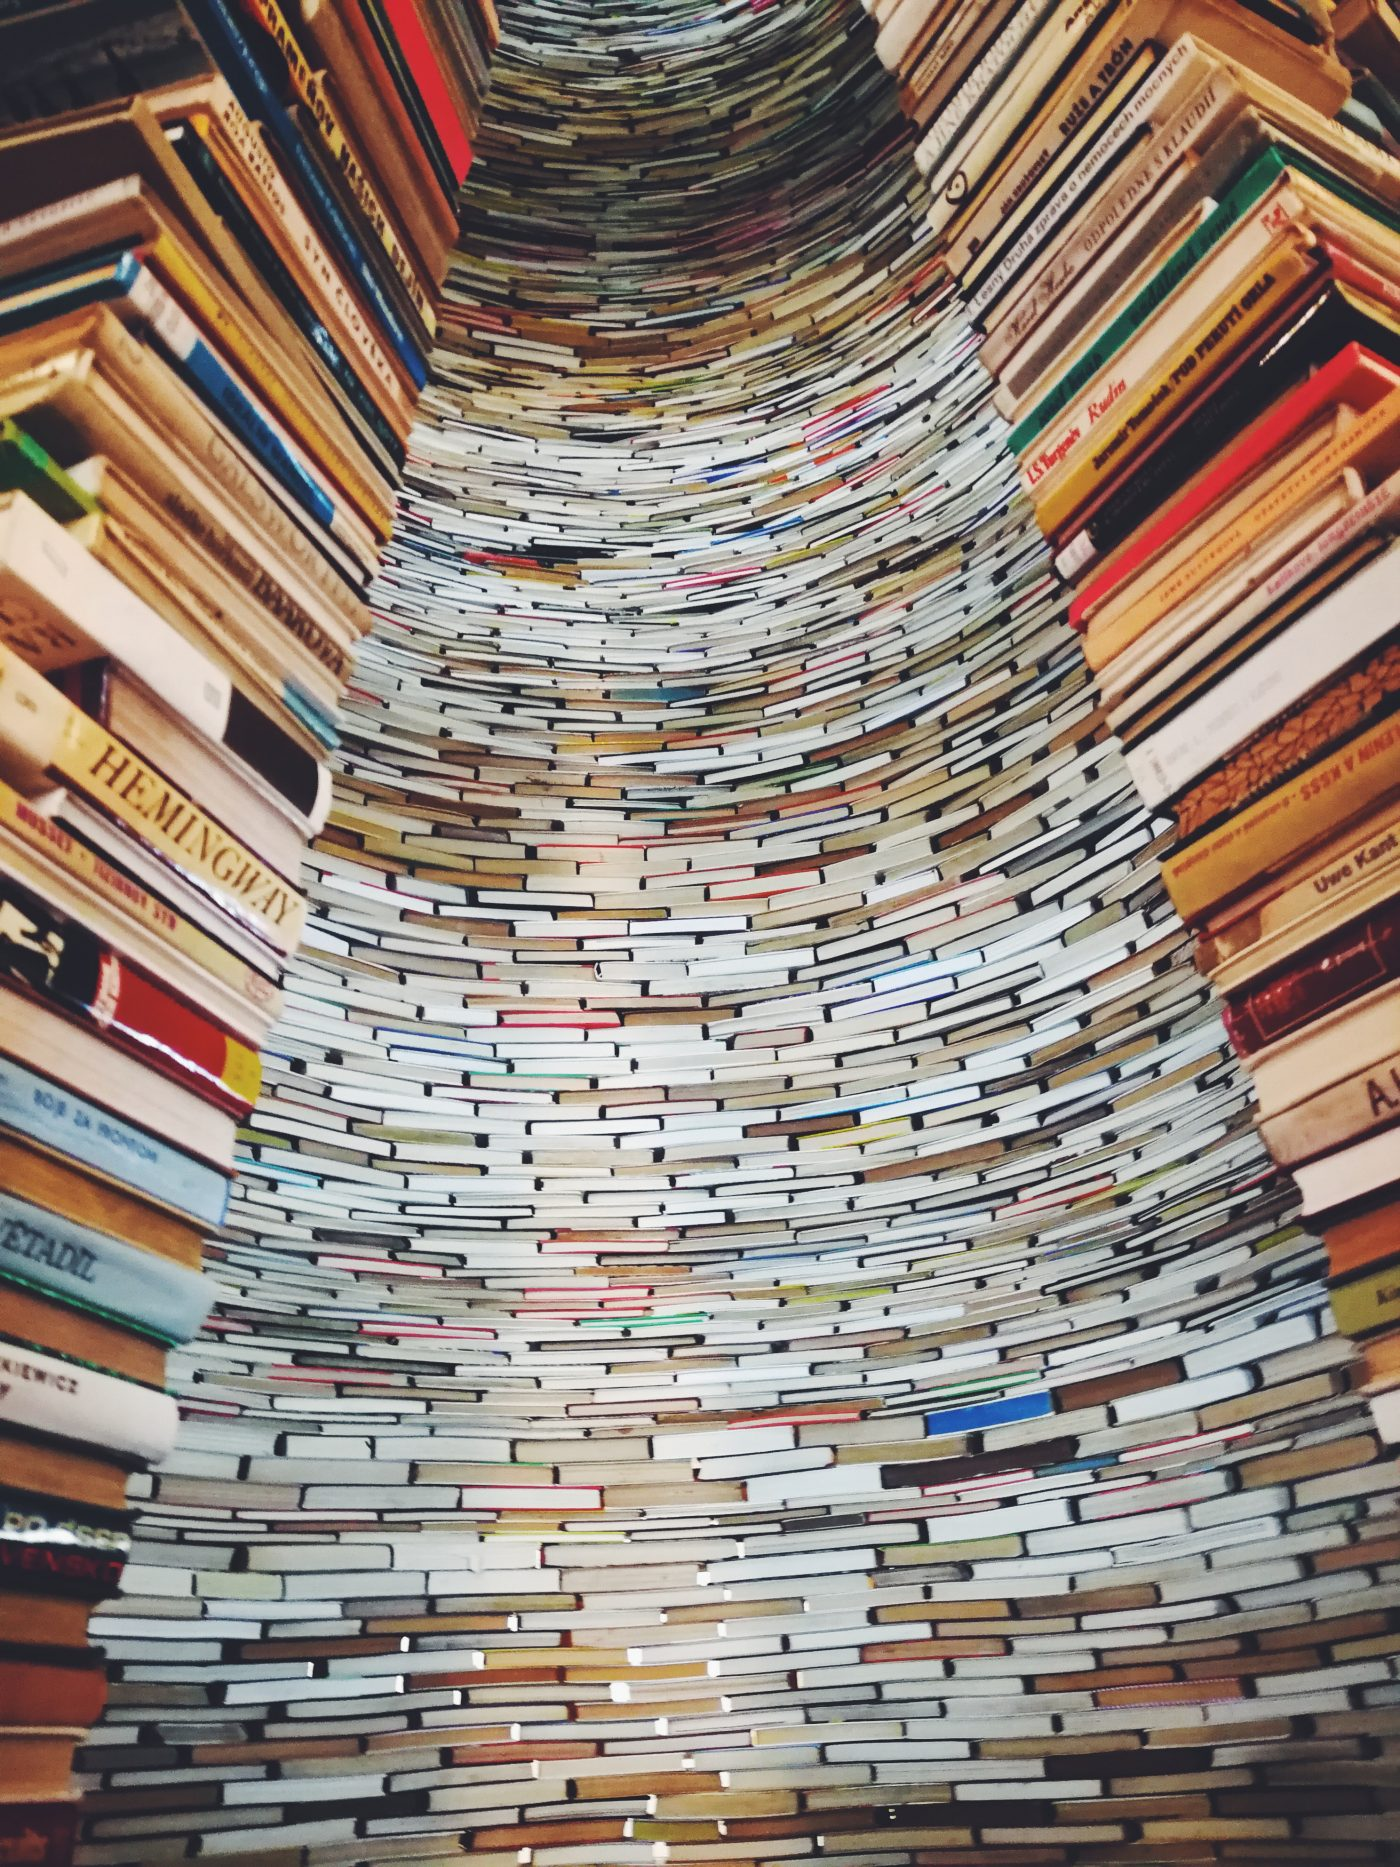 La liga de las lecturas extraordinarias. Abril 2020. Javier Miró